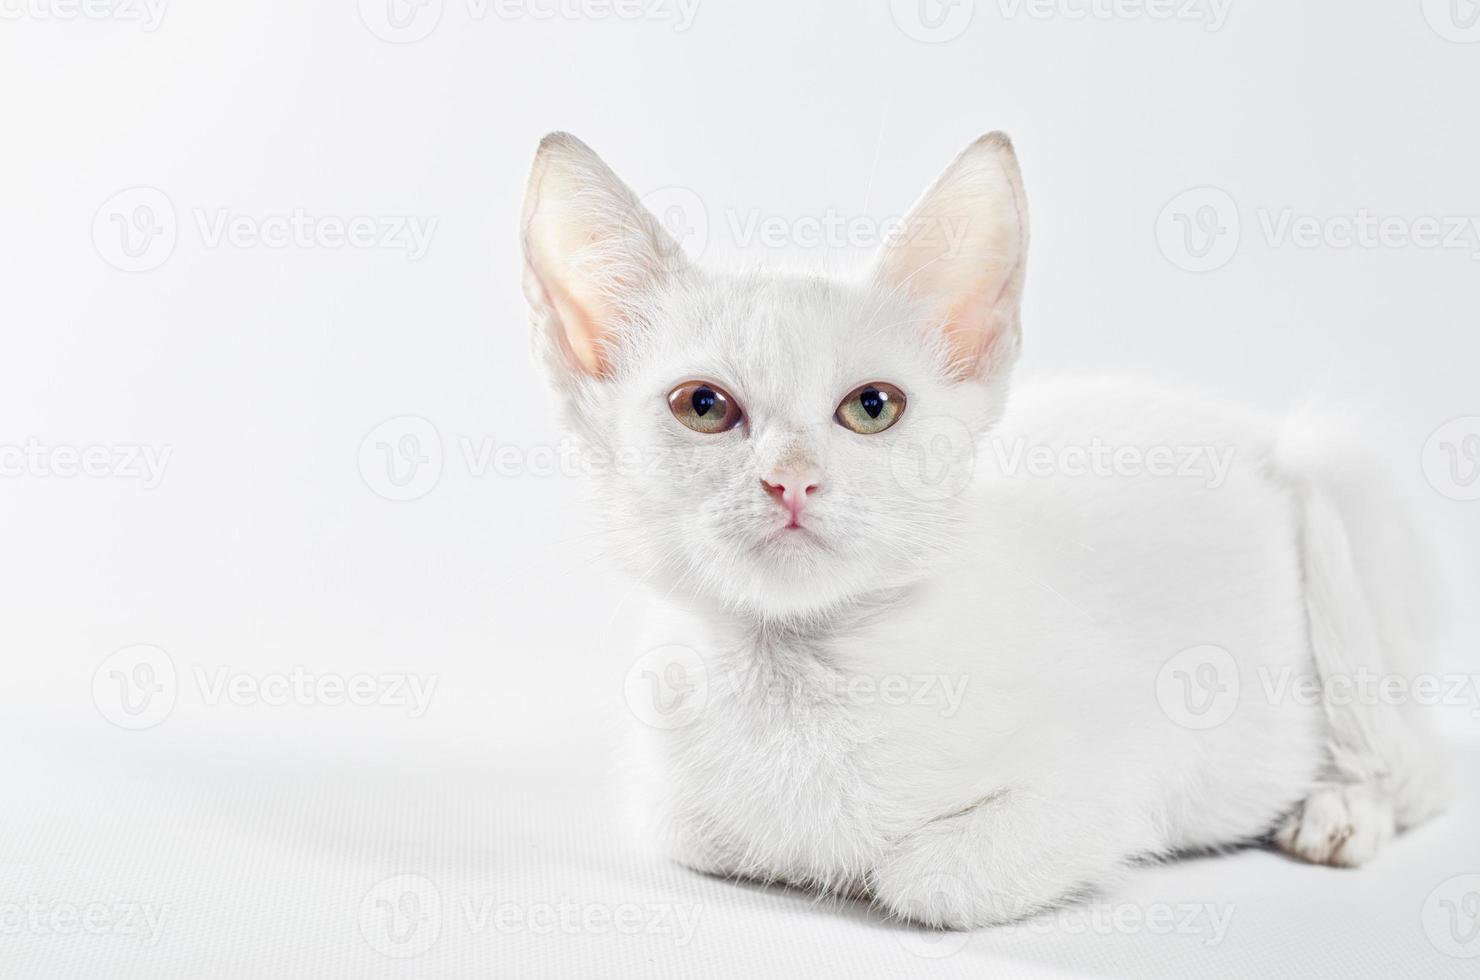 gato blanco mirando hacia arriba sobre el fondo blanco foto